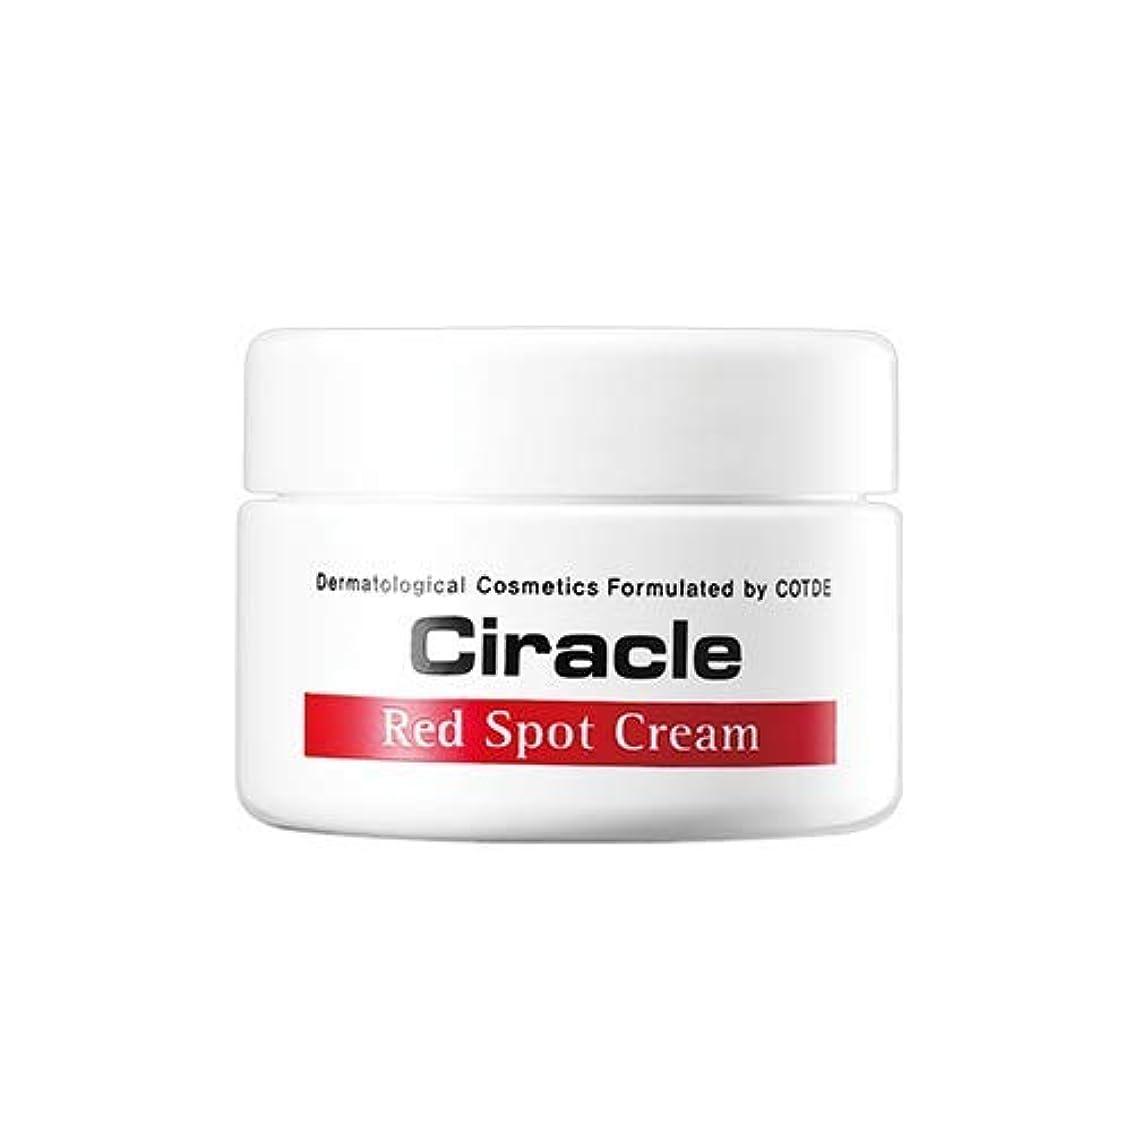 とても多くのマリン構築するCiracle Red Spot Cream 30ml Trouble Skin Beauty Product by Skin Product [並行輸入品]